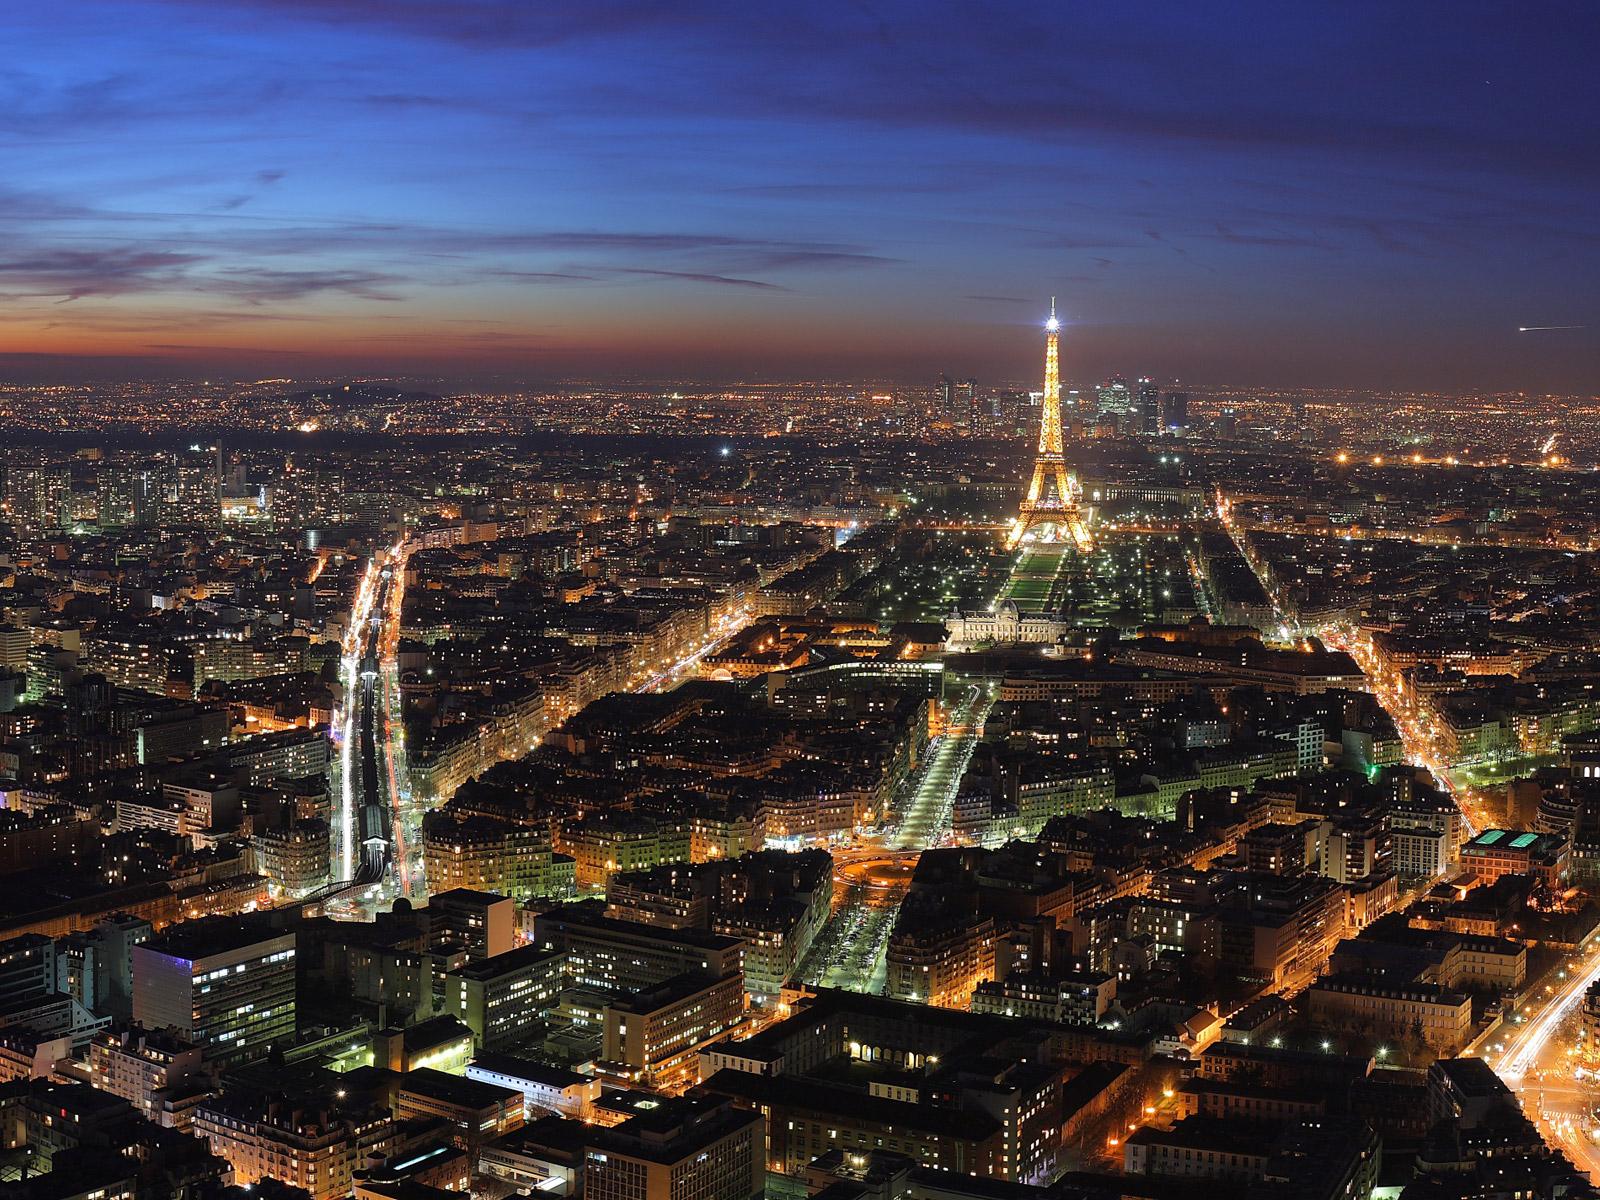 Город париж сверху ночью гламурные